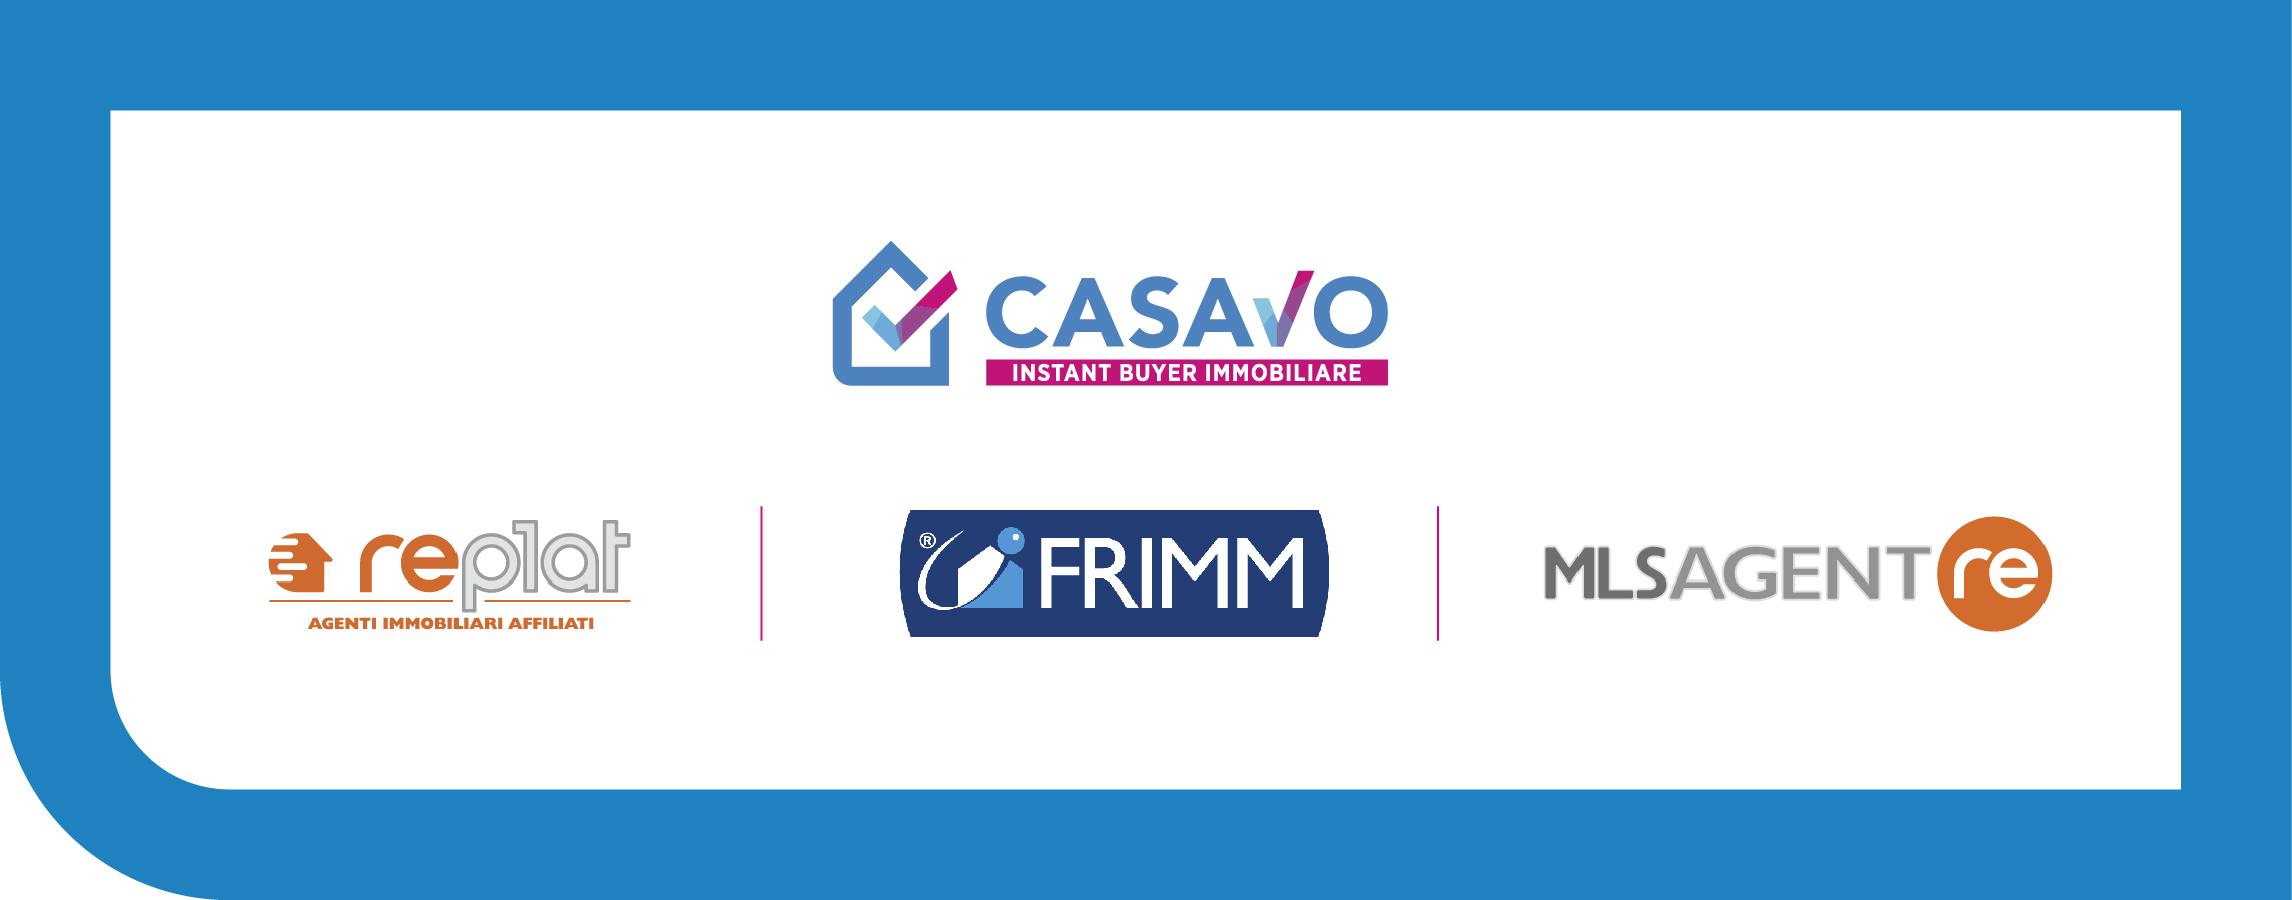 Casavo e MLS Agent RE: nuova partnership, più vantaggi